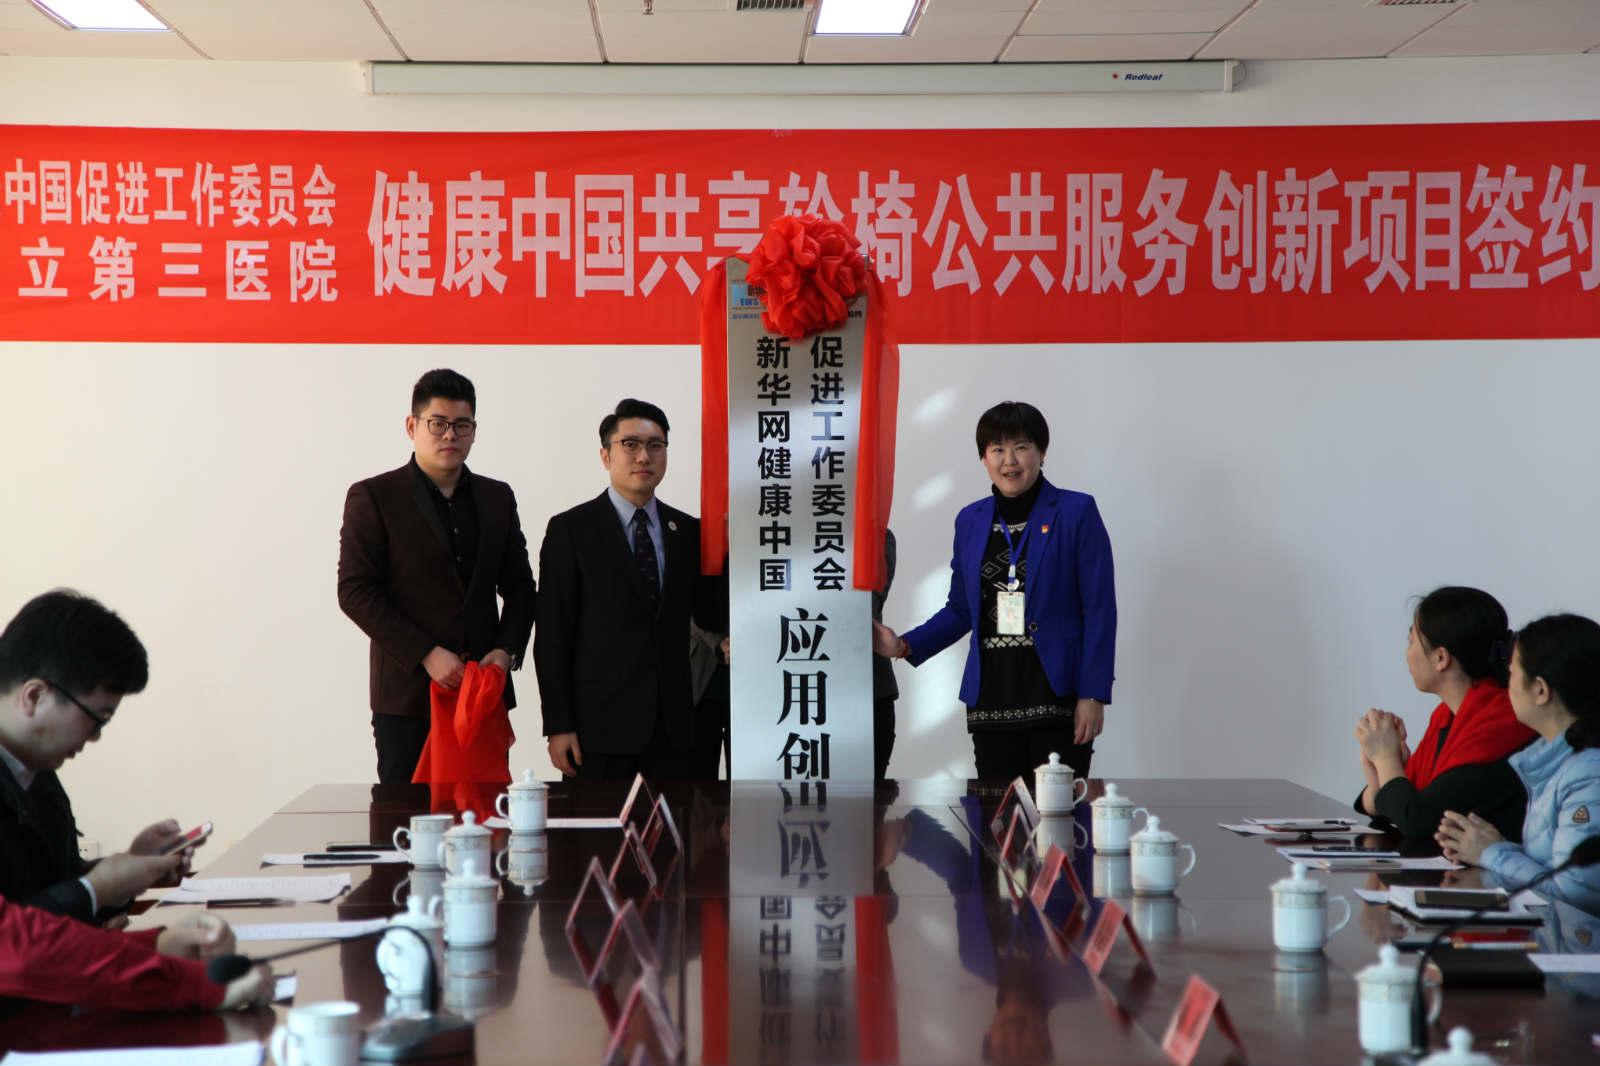 健康中国共享轮椅项目进驻龙都longdu66龙都娱乐落户省立第三医院